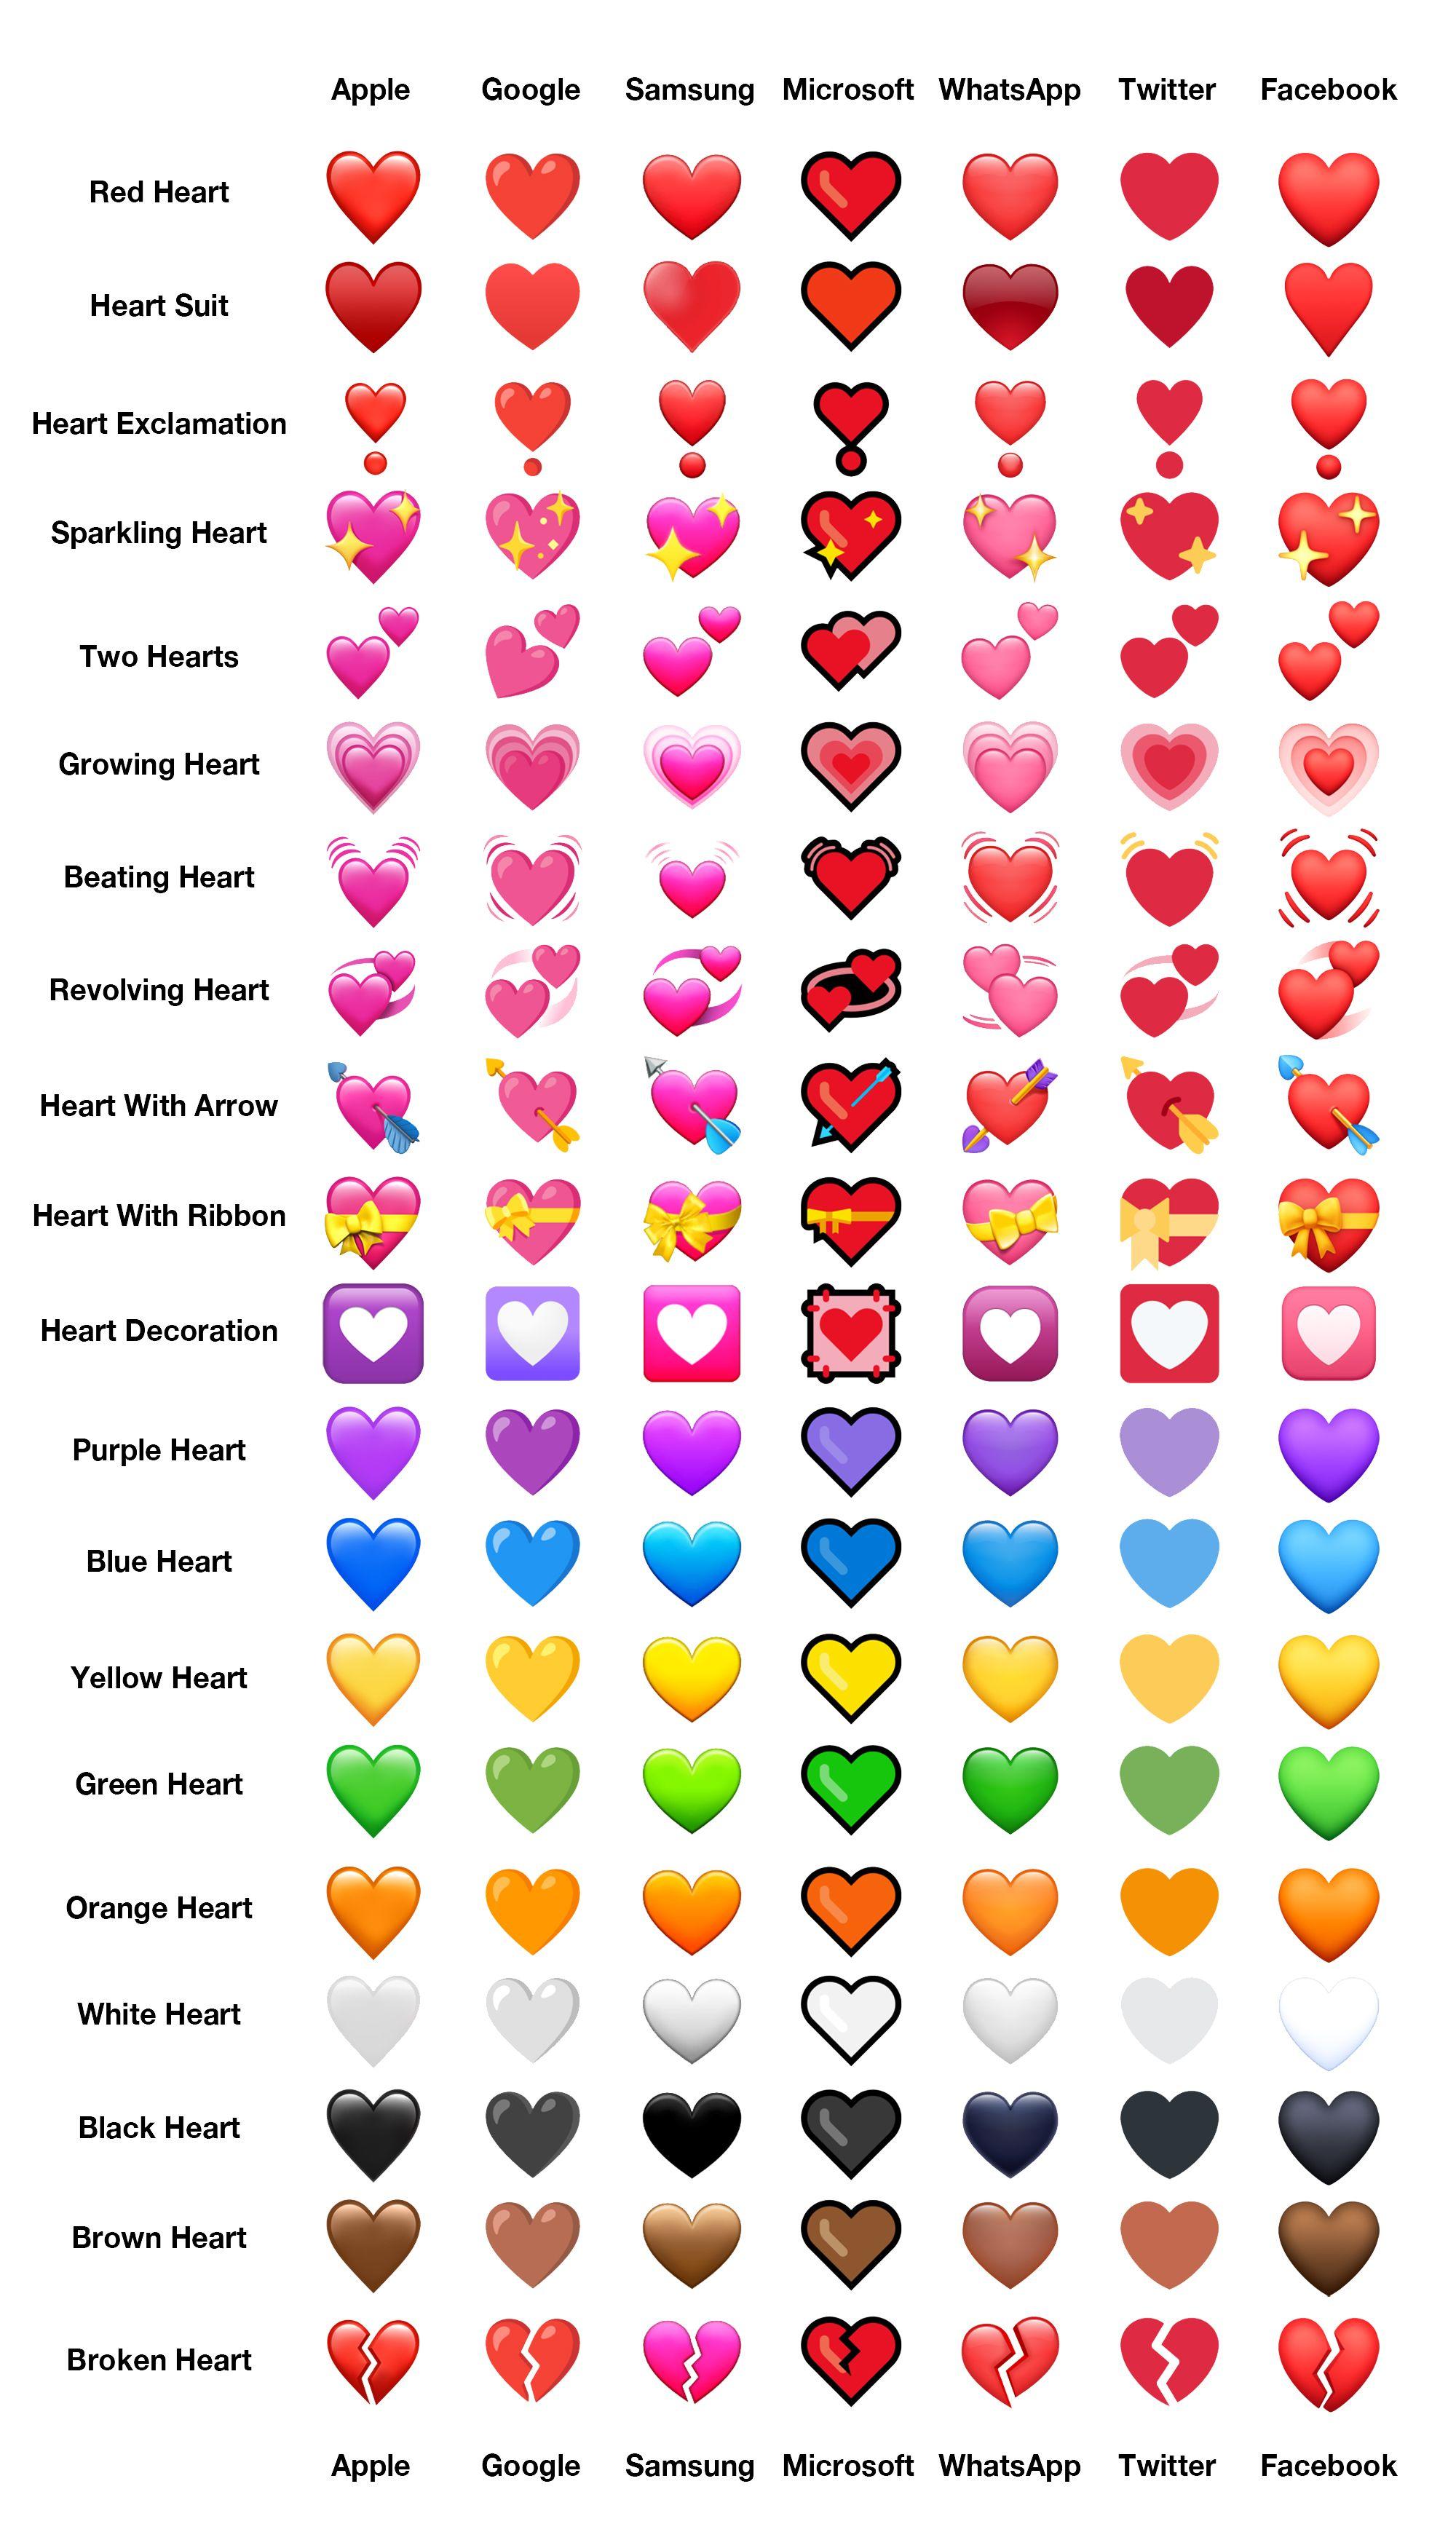 Emojipedia-Hearts-Vendor-Comparison